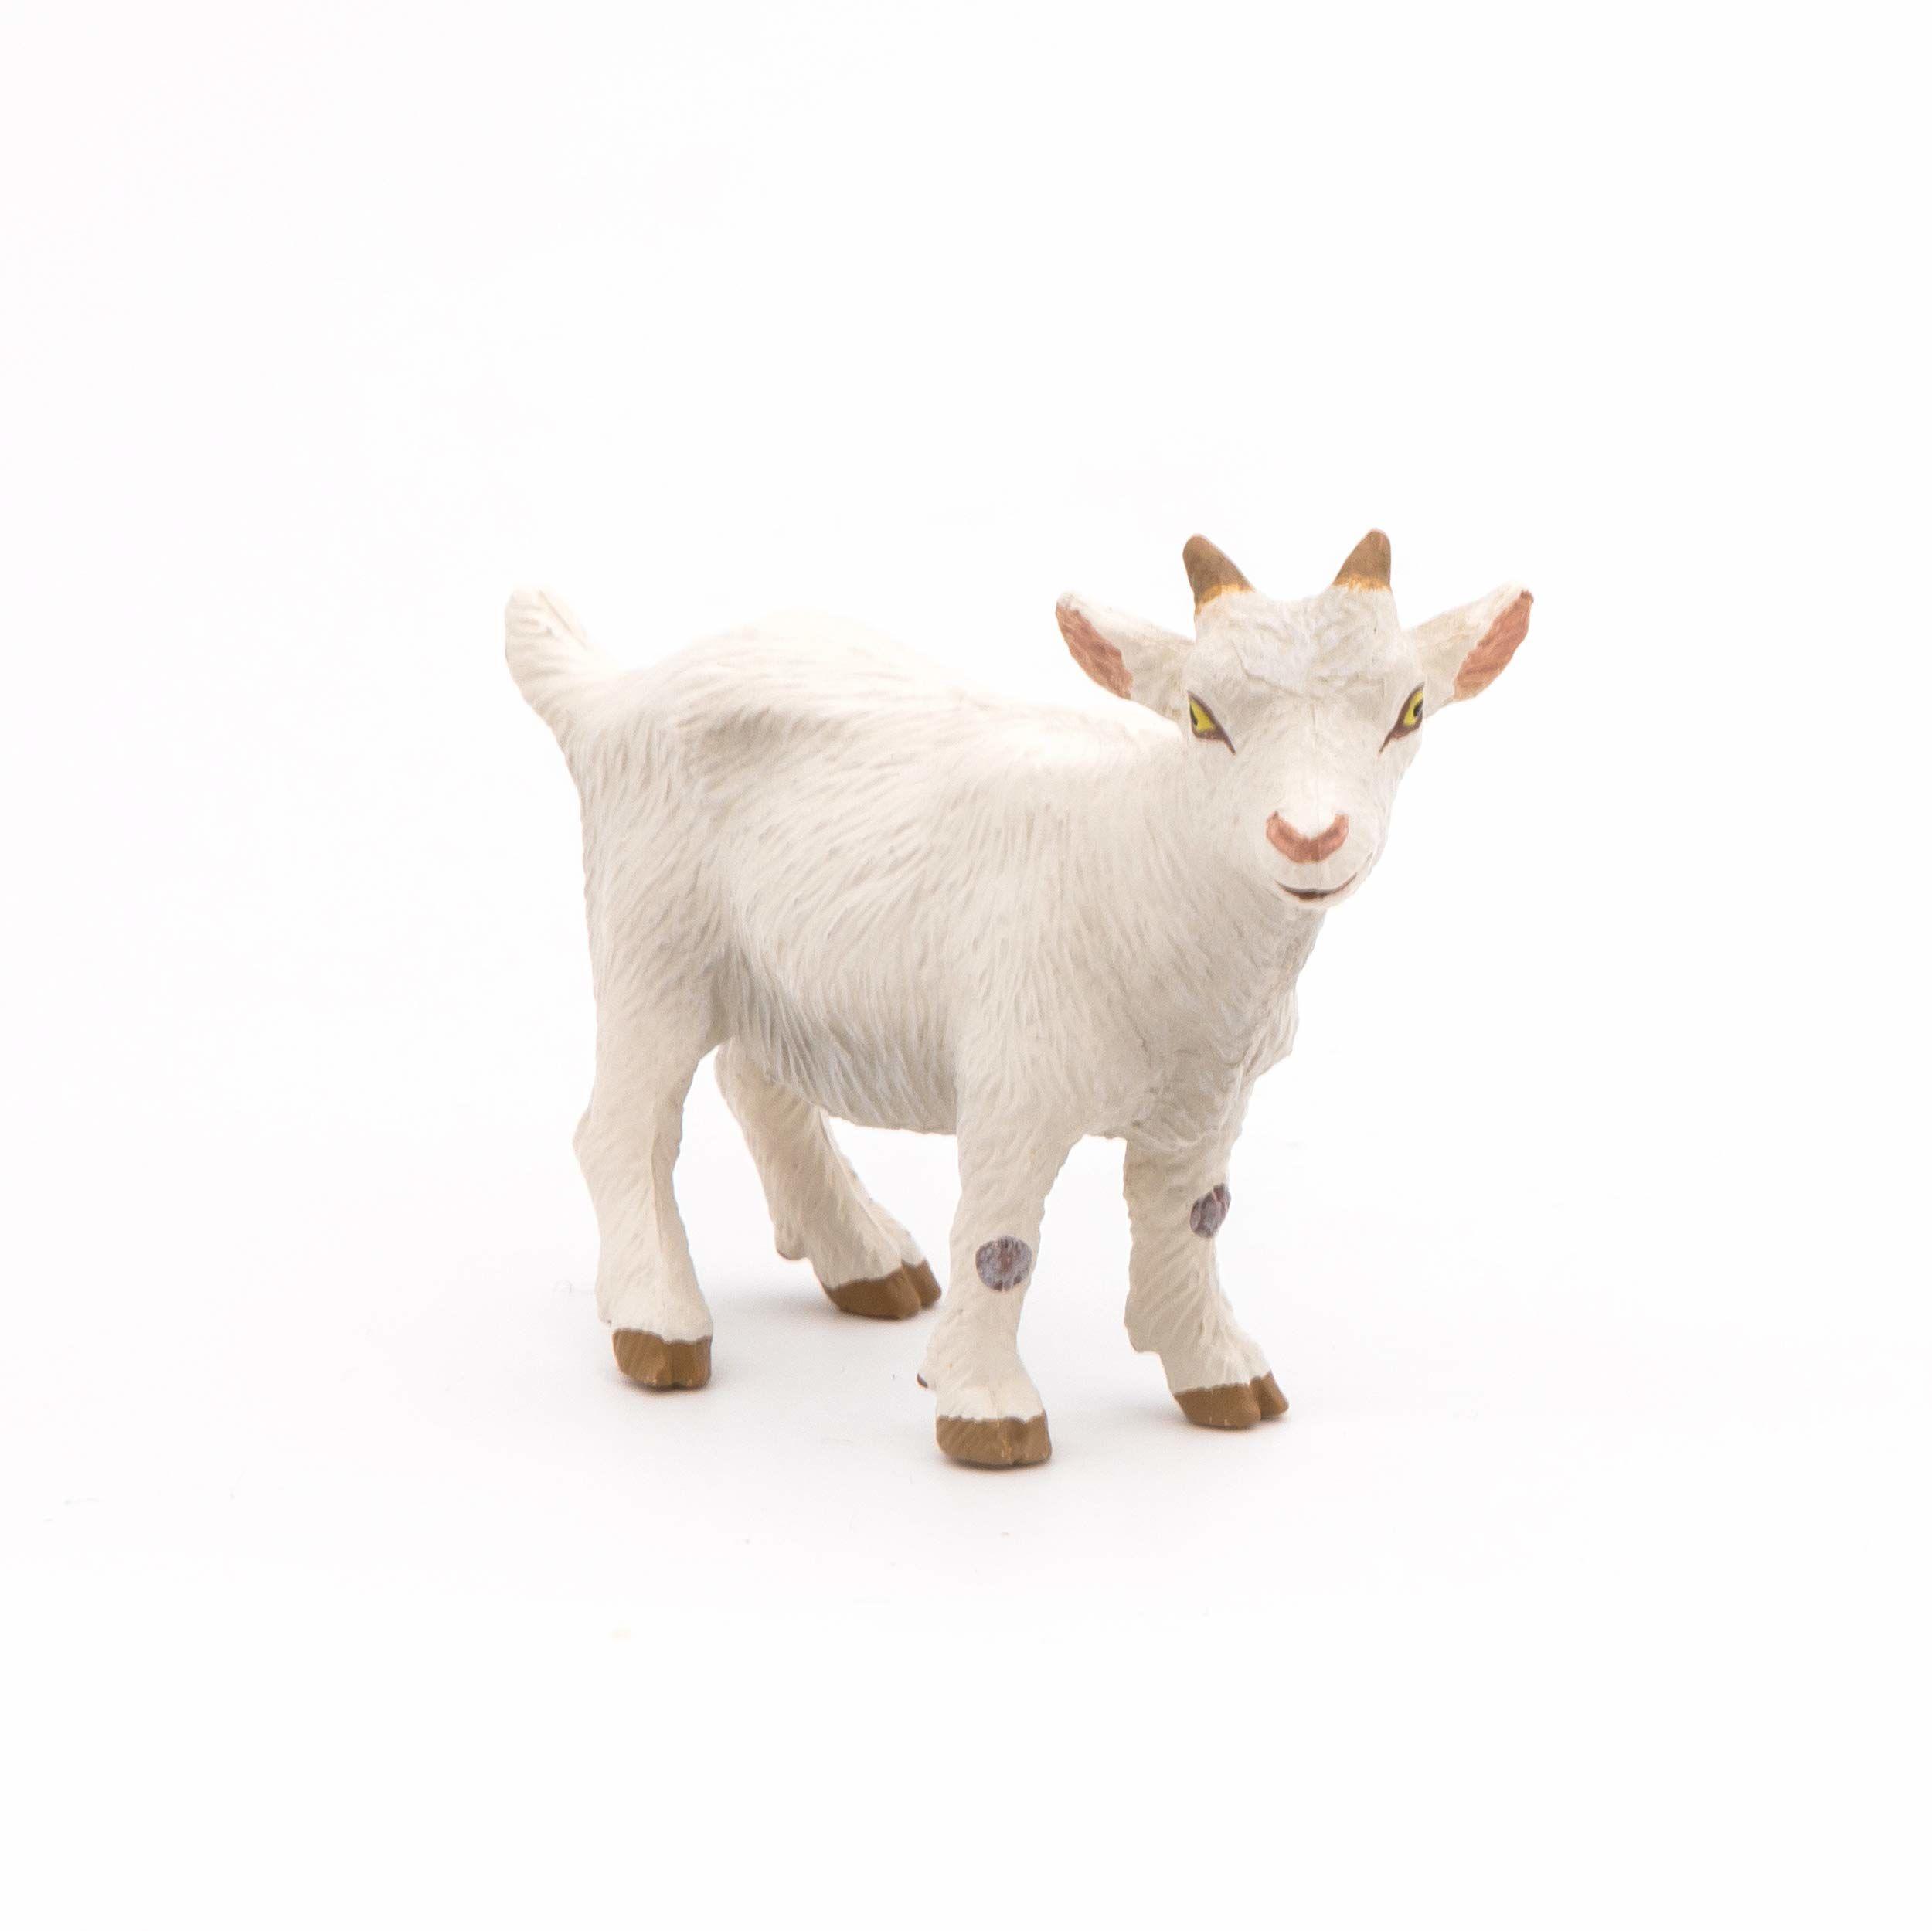 Papo 51146 biała figurka dla dzieci koziej farmie, wielokolorowa